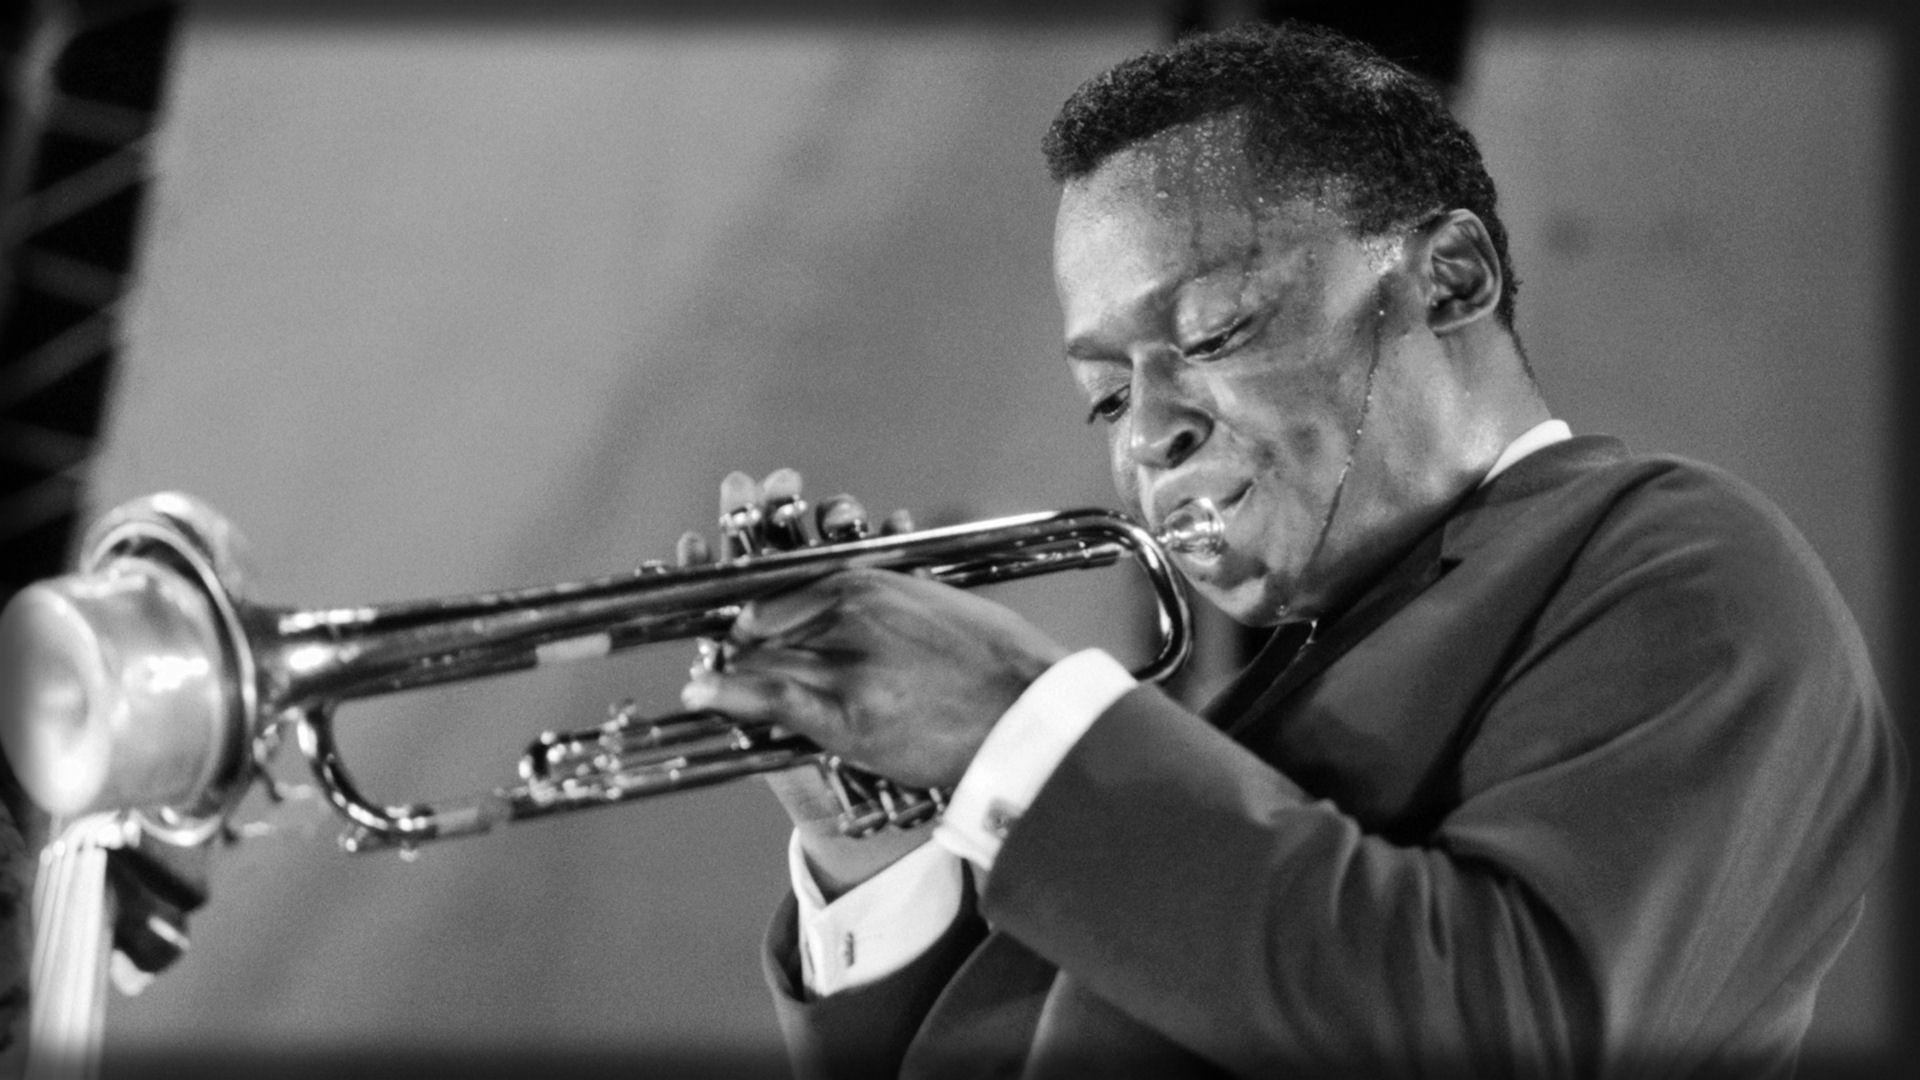 デスクトップ壁紙 音楽 ジャケット ミュージシャン ジャズ 汗 遊びます トランペット パイプ 黒と白 モノクロ写真 金管楽器 サックス奏者 トランペッター トロンボーン マイルダヴィス コルネット Session Musician Types Of Trombone Clarinet